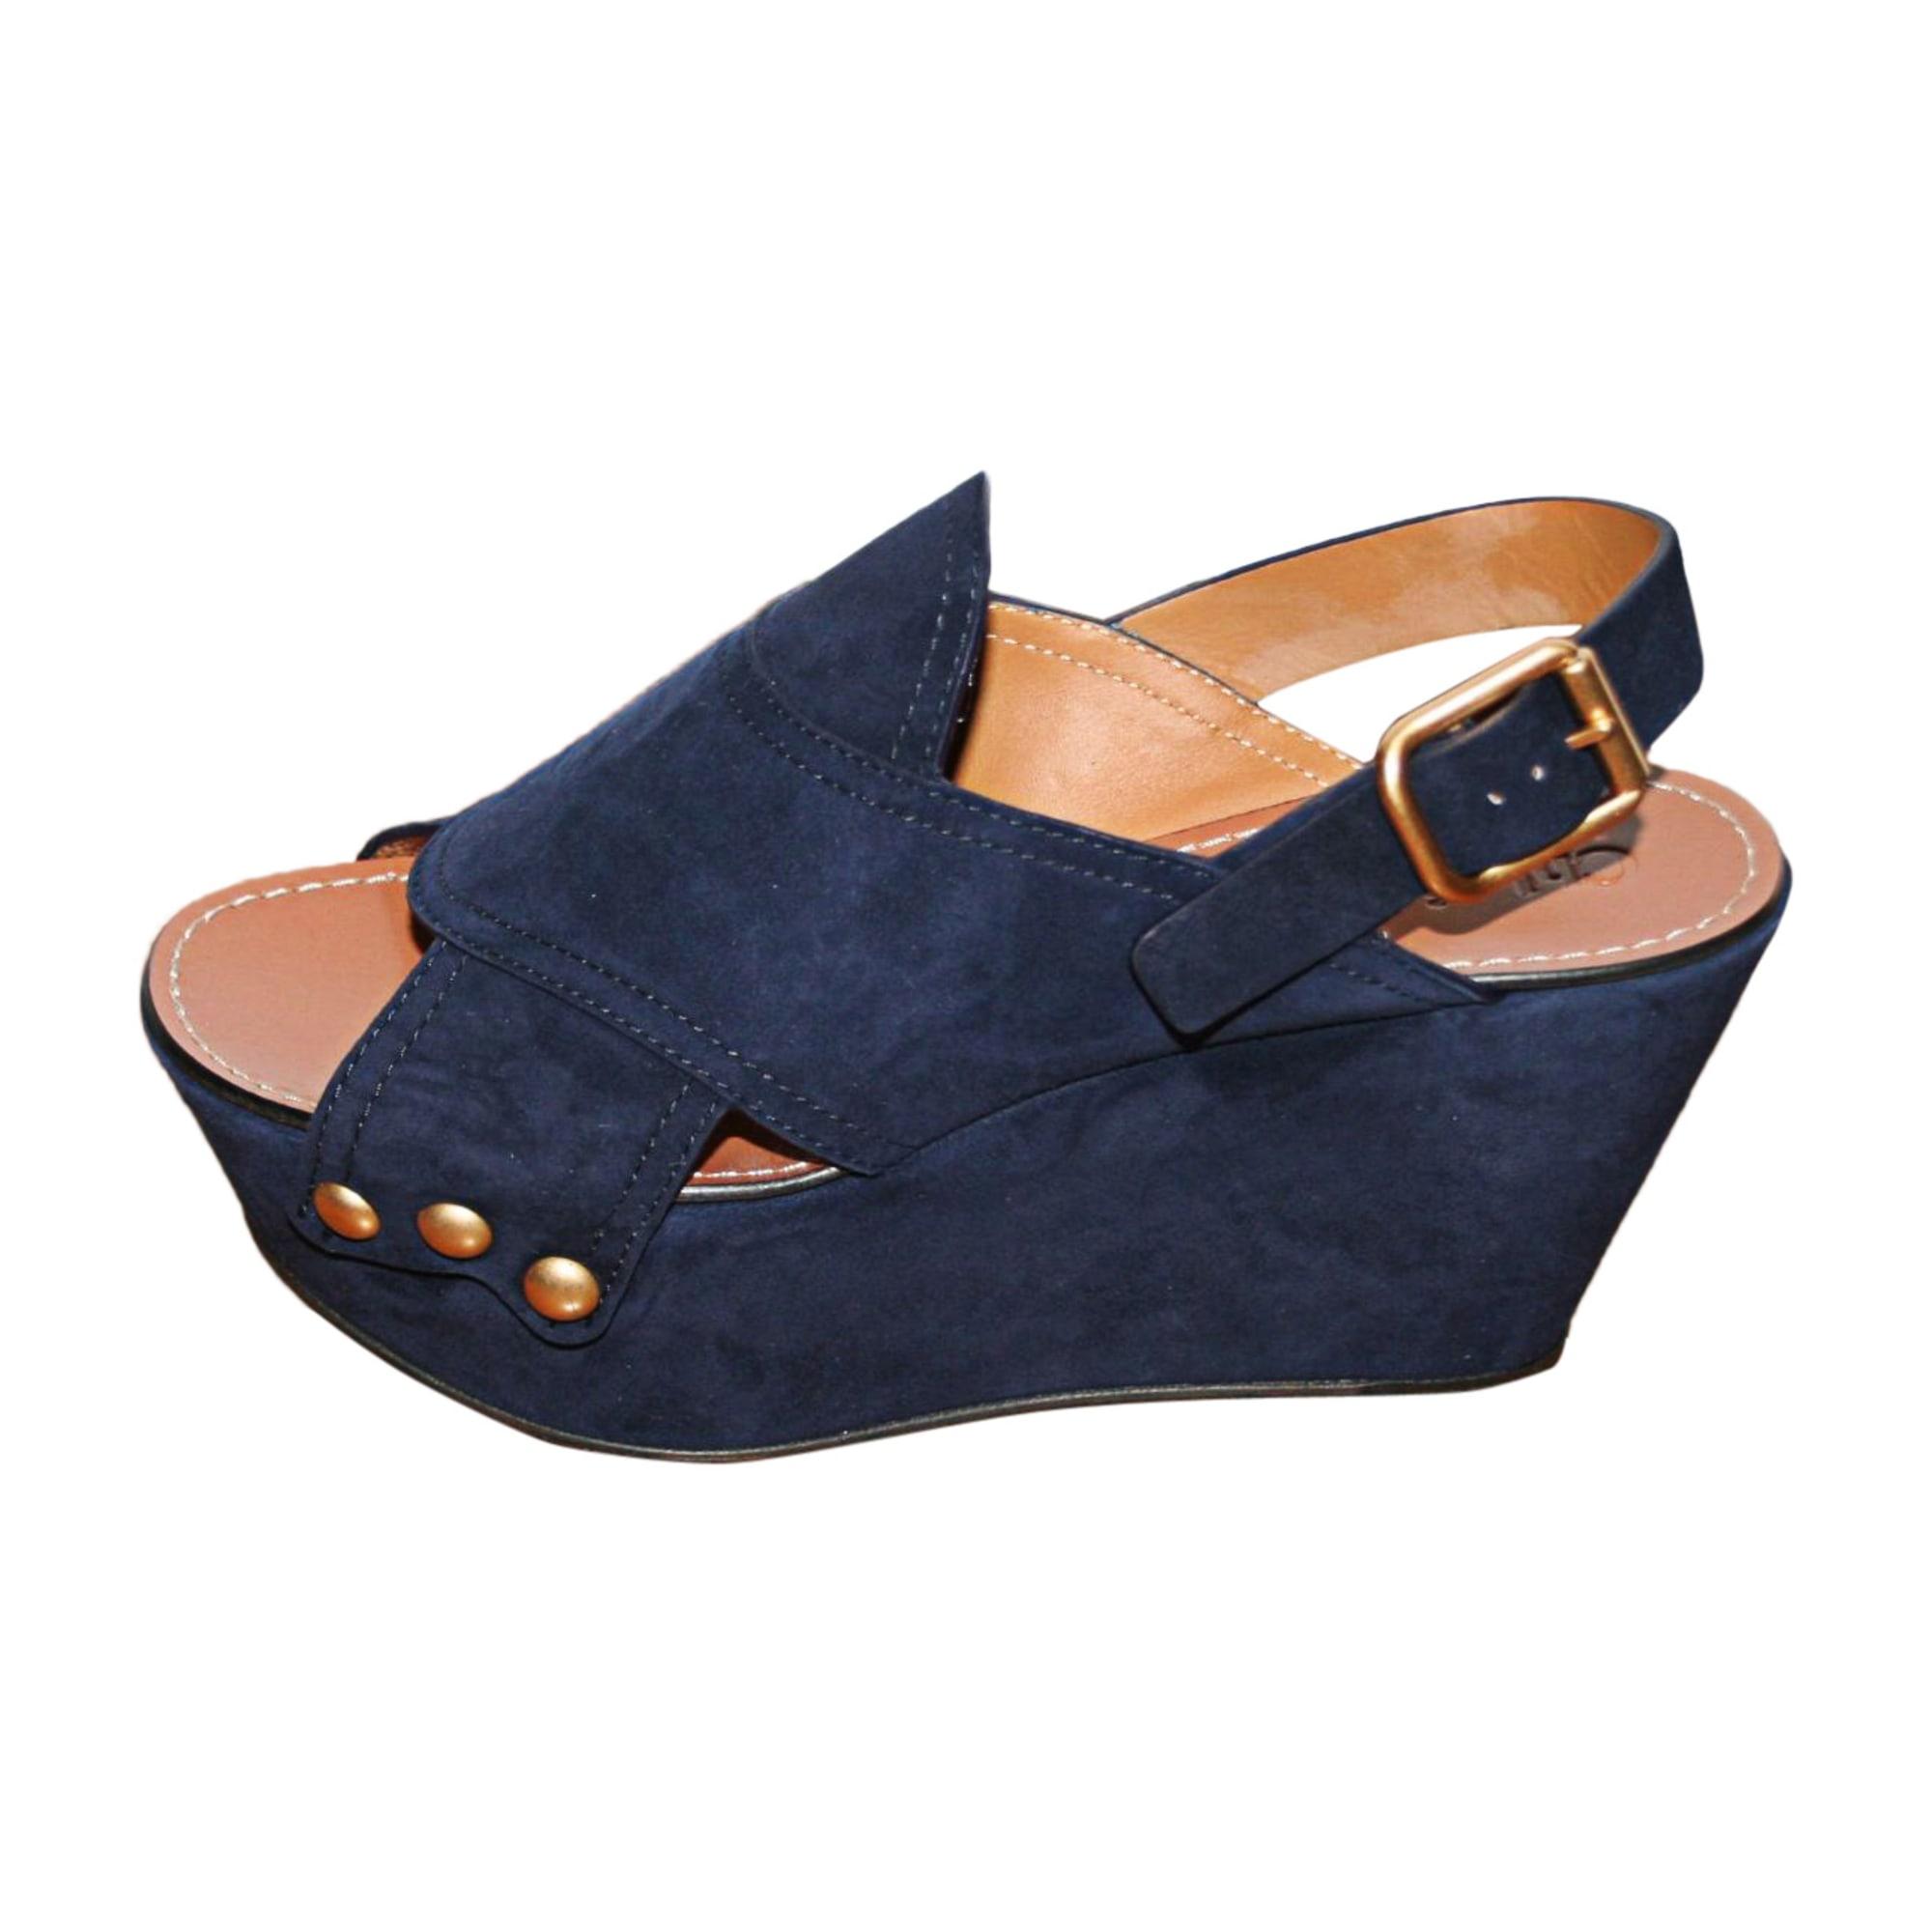 Sandales compensées CHLOÉ Bleu, bleu marine, bleu turquoise